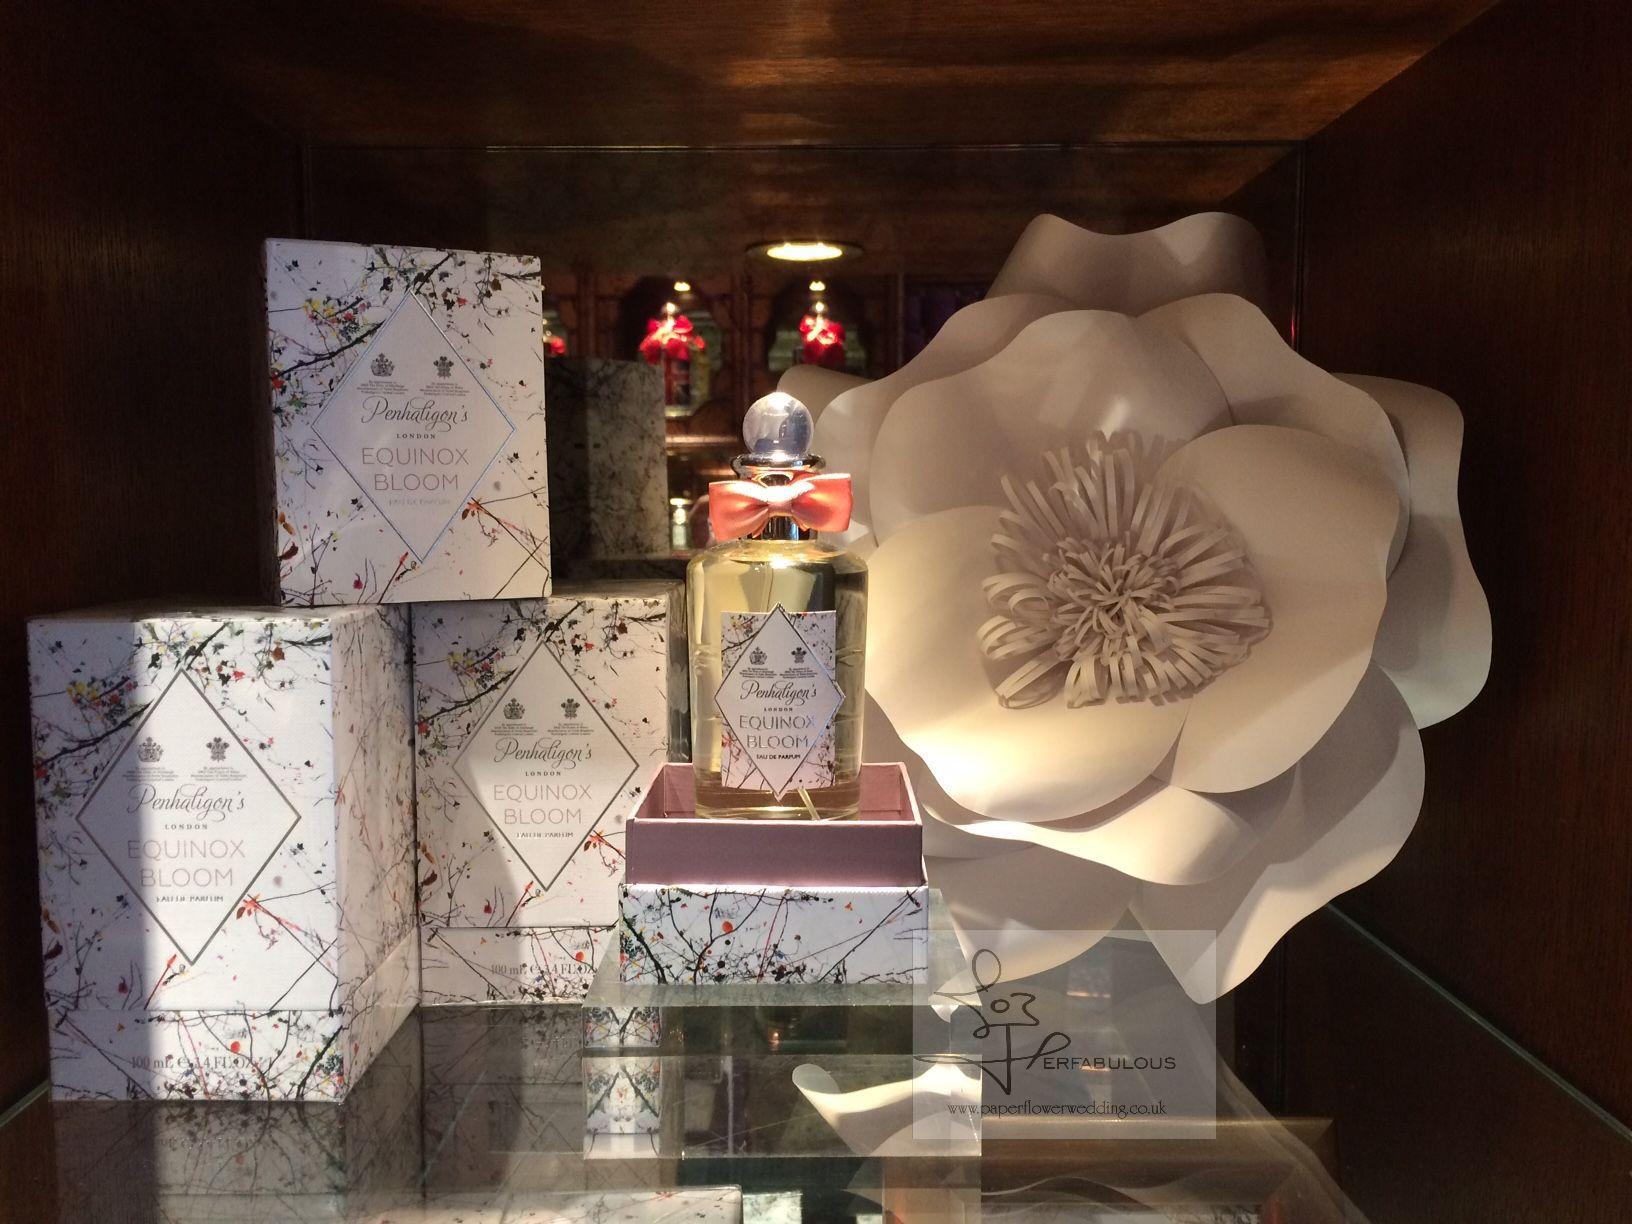 paper flowers london, shop decor, perfabulous, paper flowers backdrop